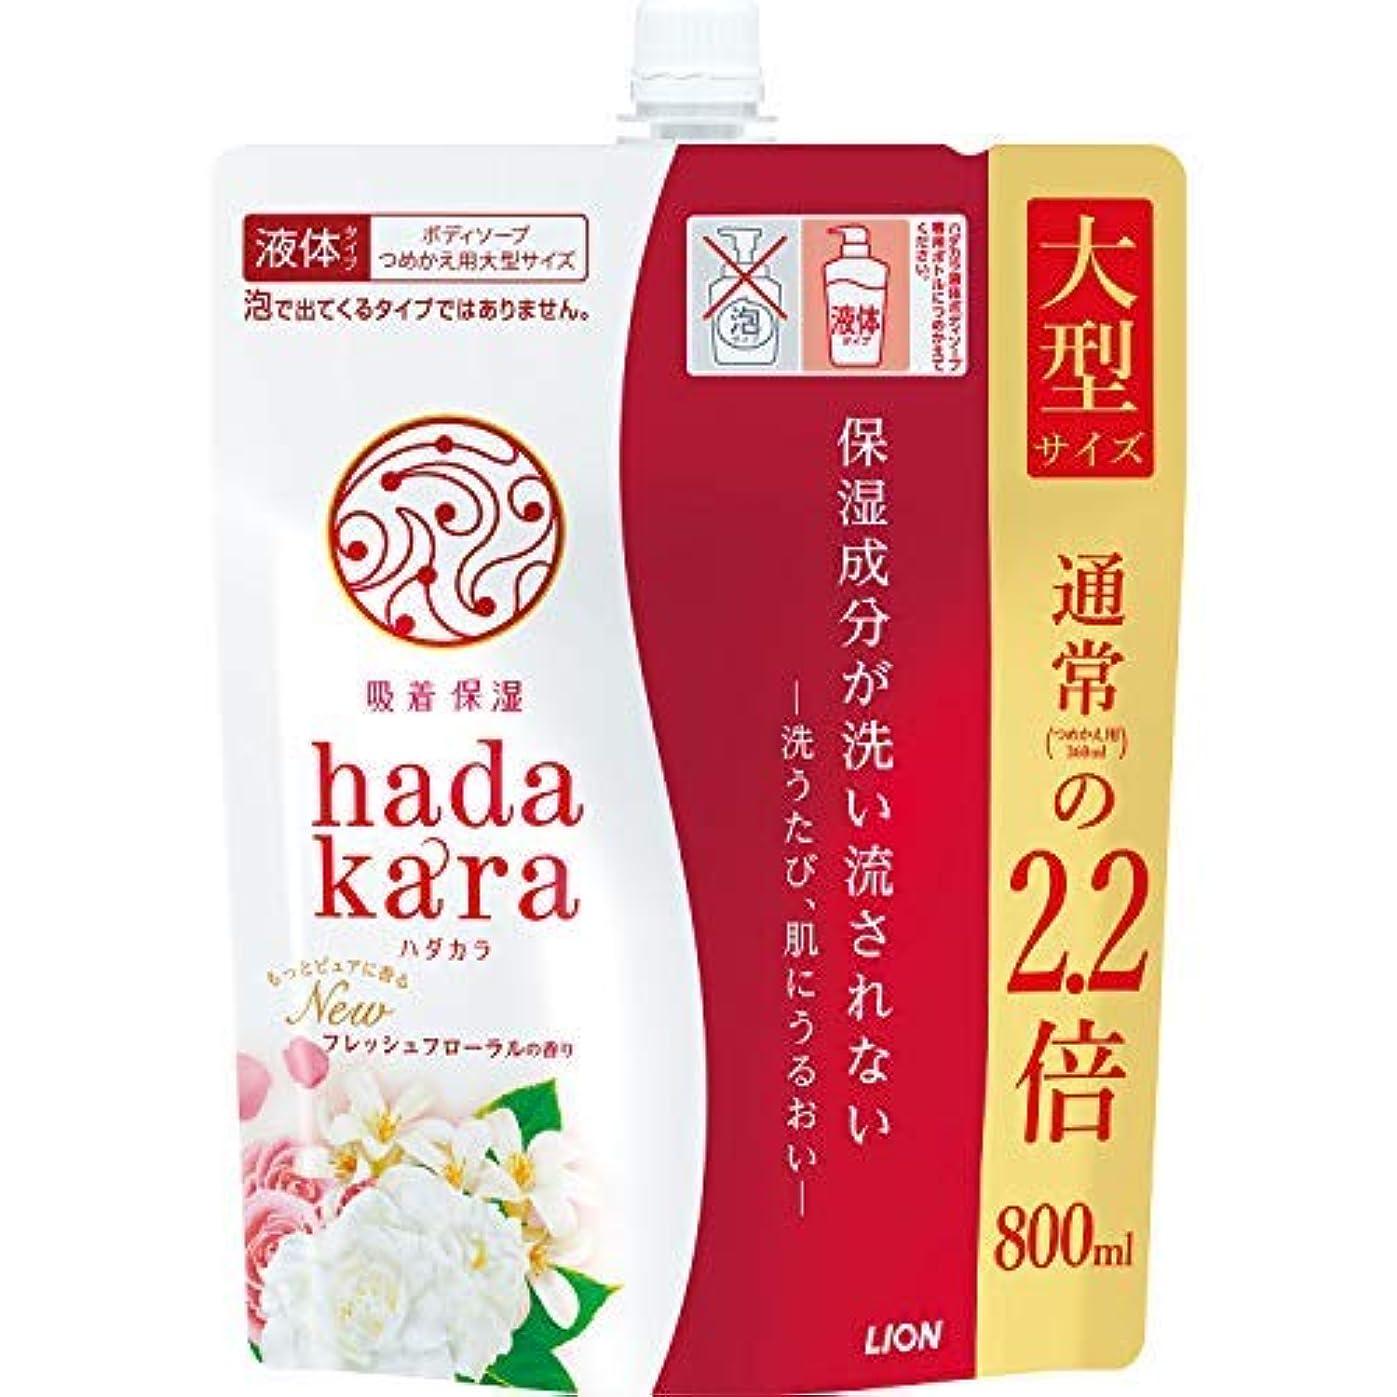 増強する平日触覚hadakara(ハダカラ)ボディソープ フレッシュフローラルの香り 詰替え用 大型サイズ 800ml × 5個セット